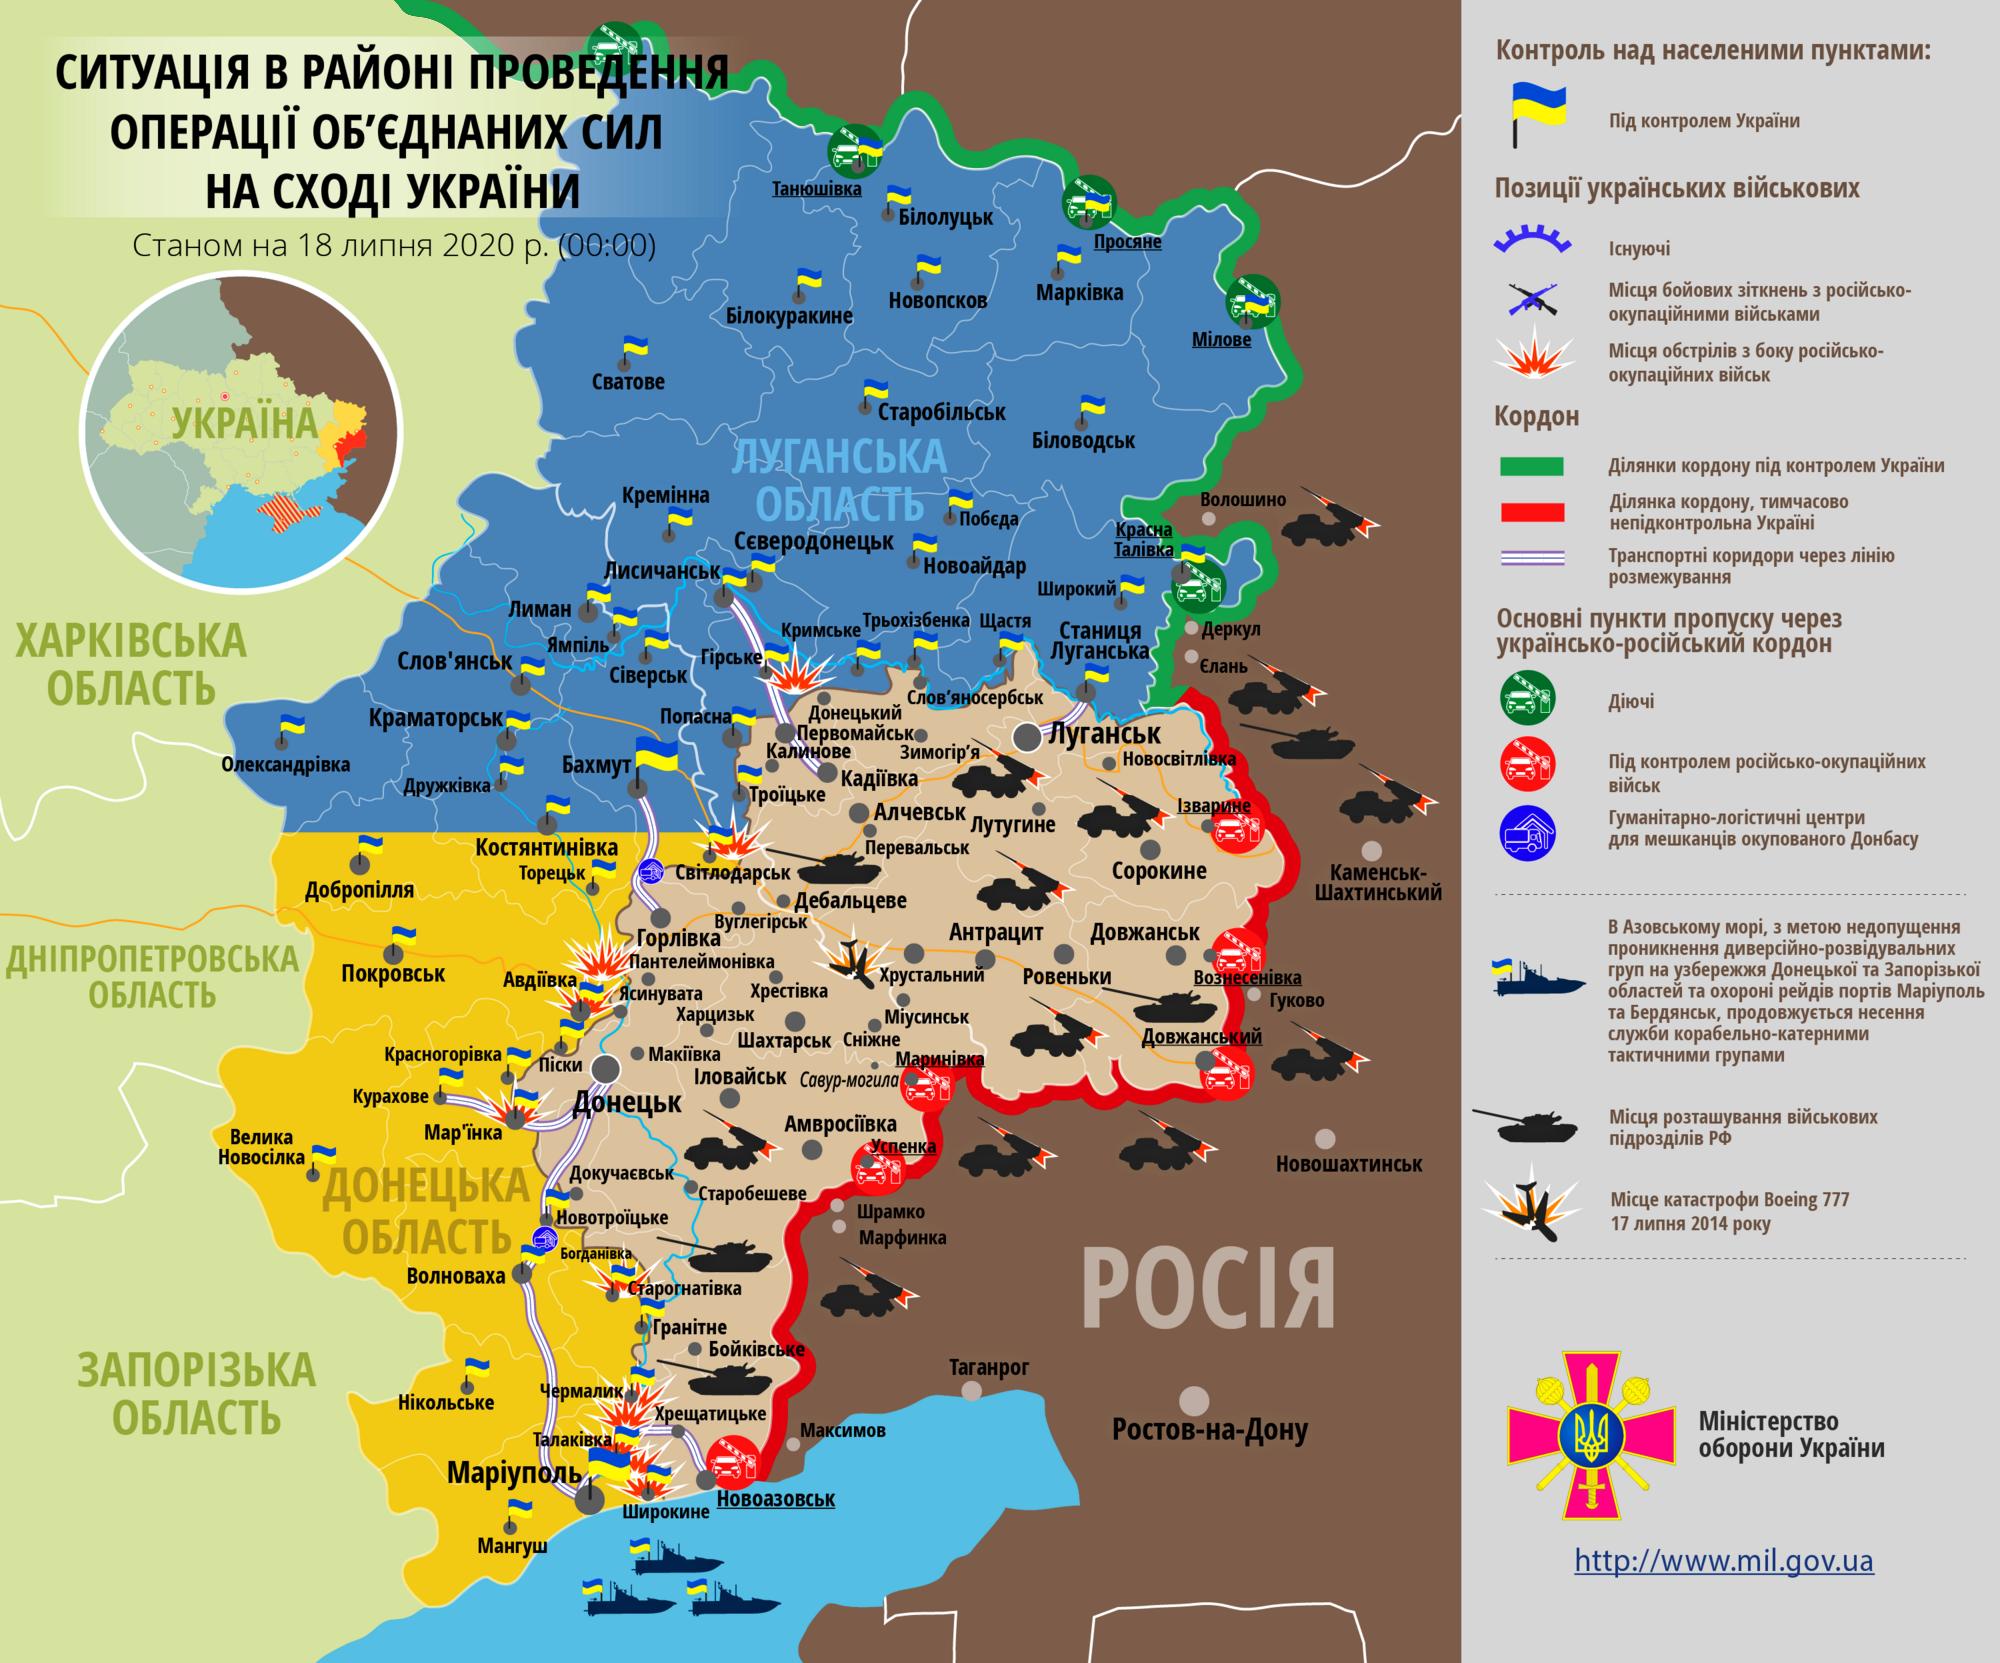 Ситуація в зоні проведення ООС на Донбасі 18 липня